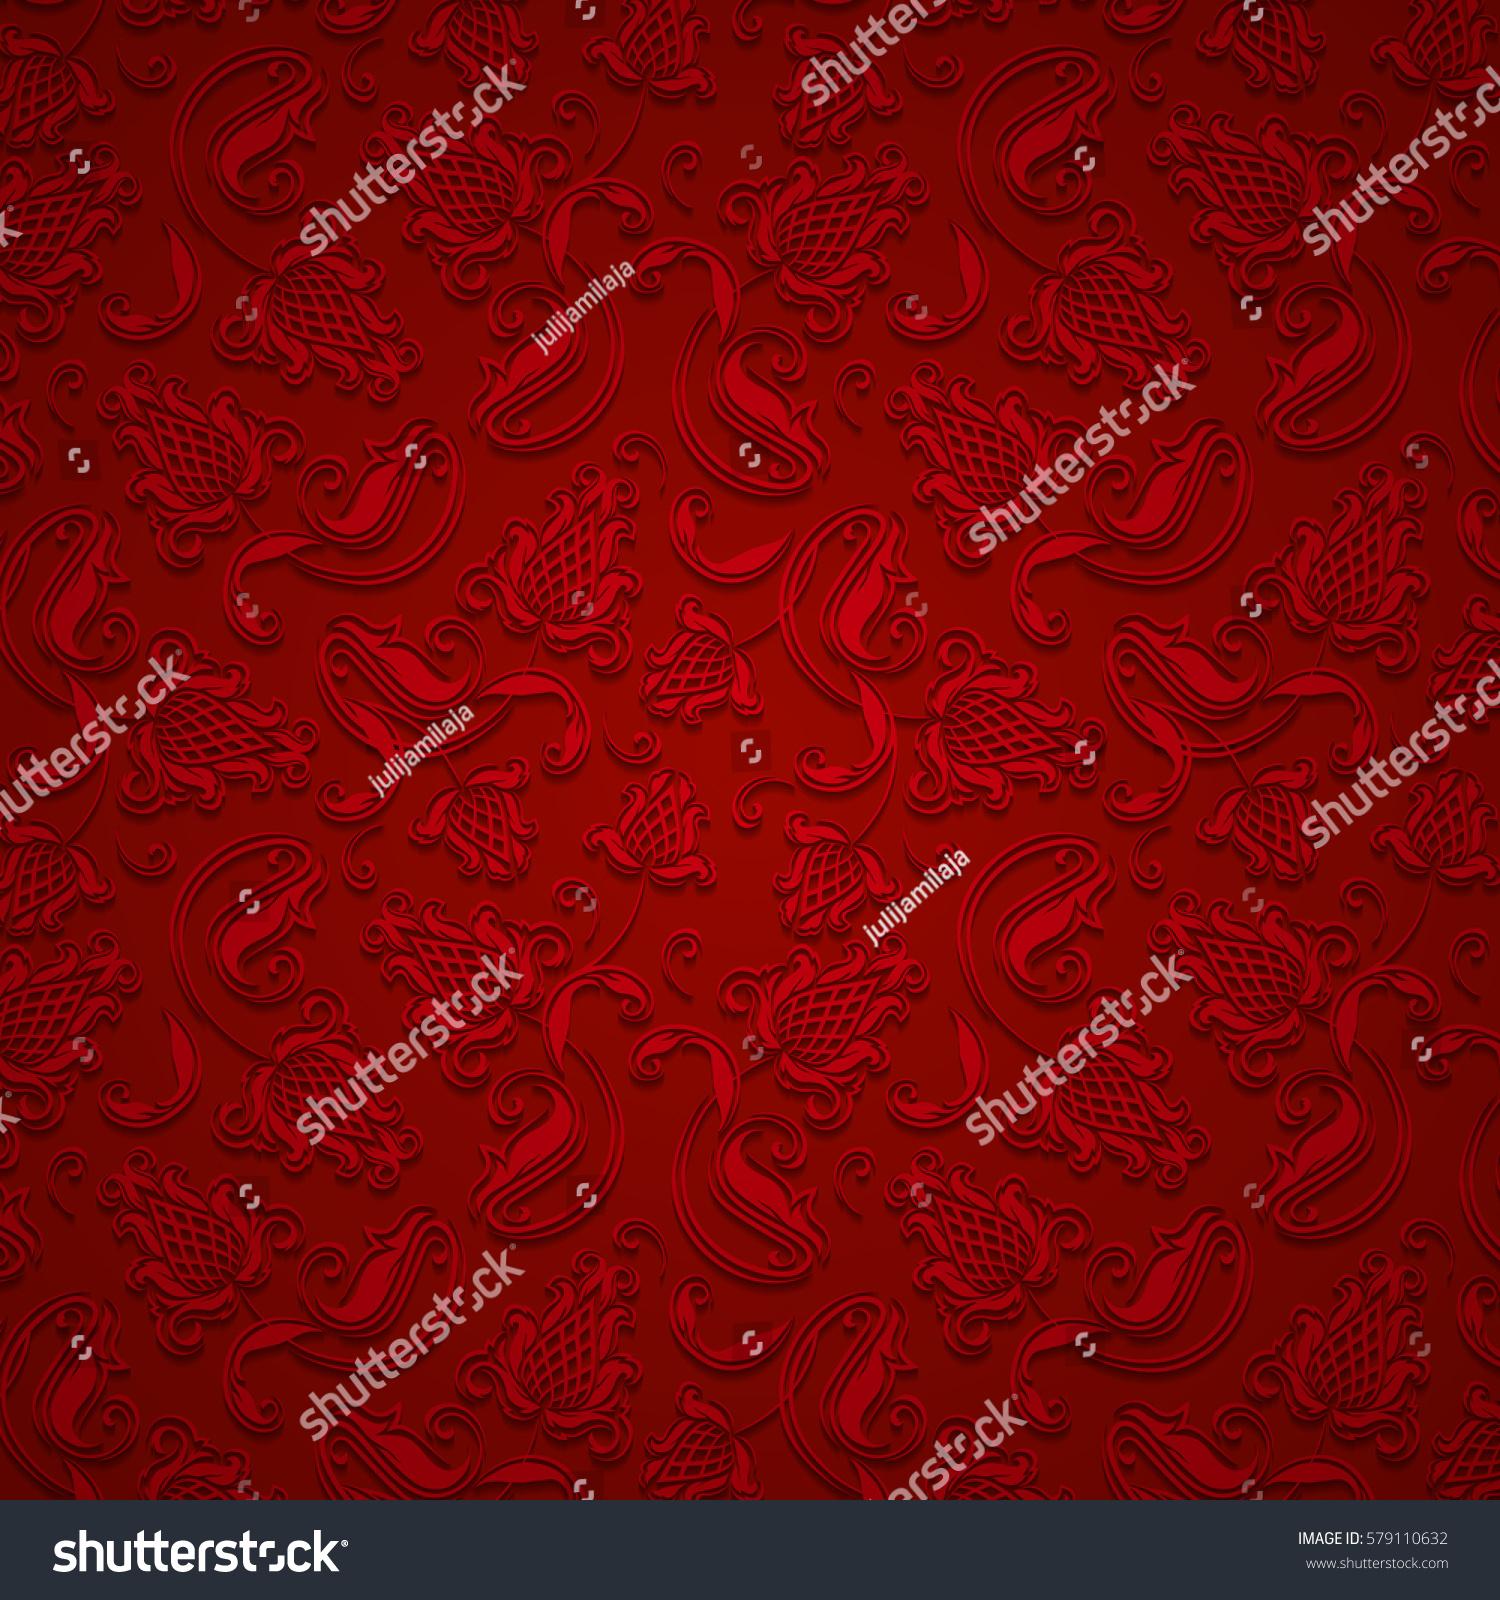 elegant filigree background with - photo #22